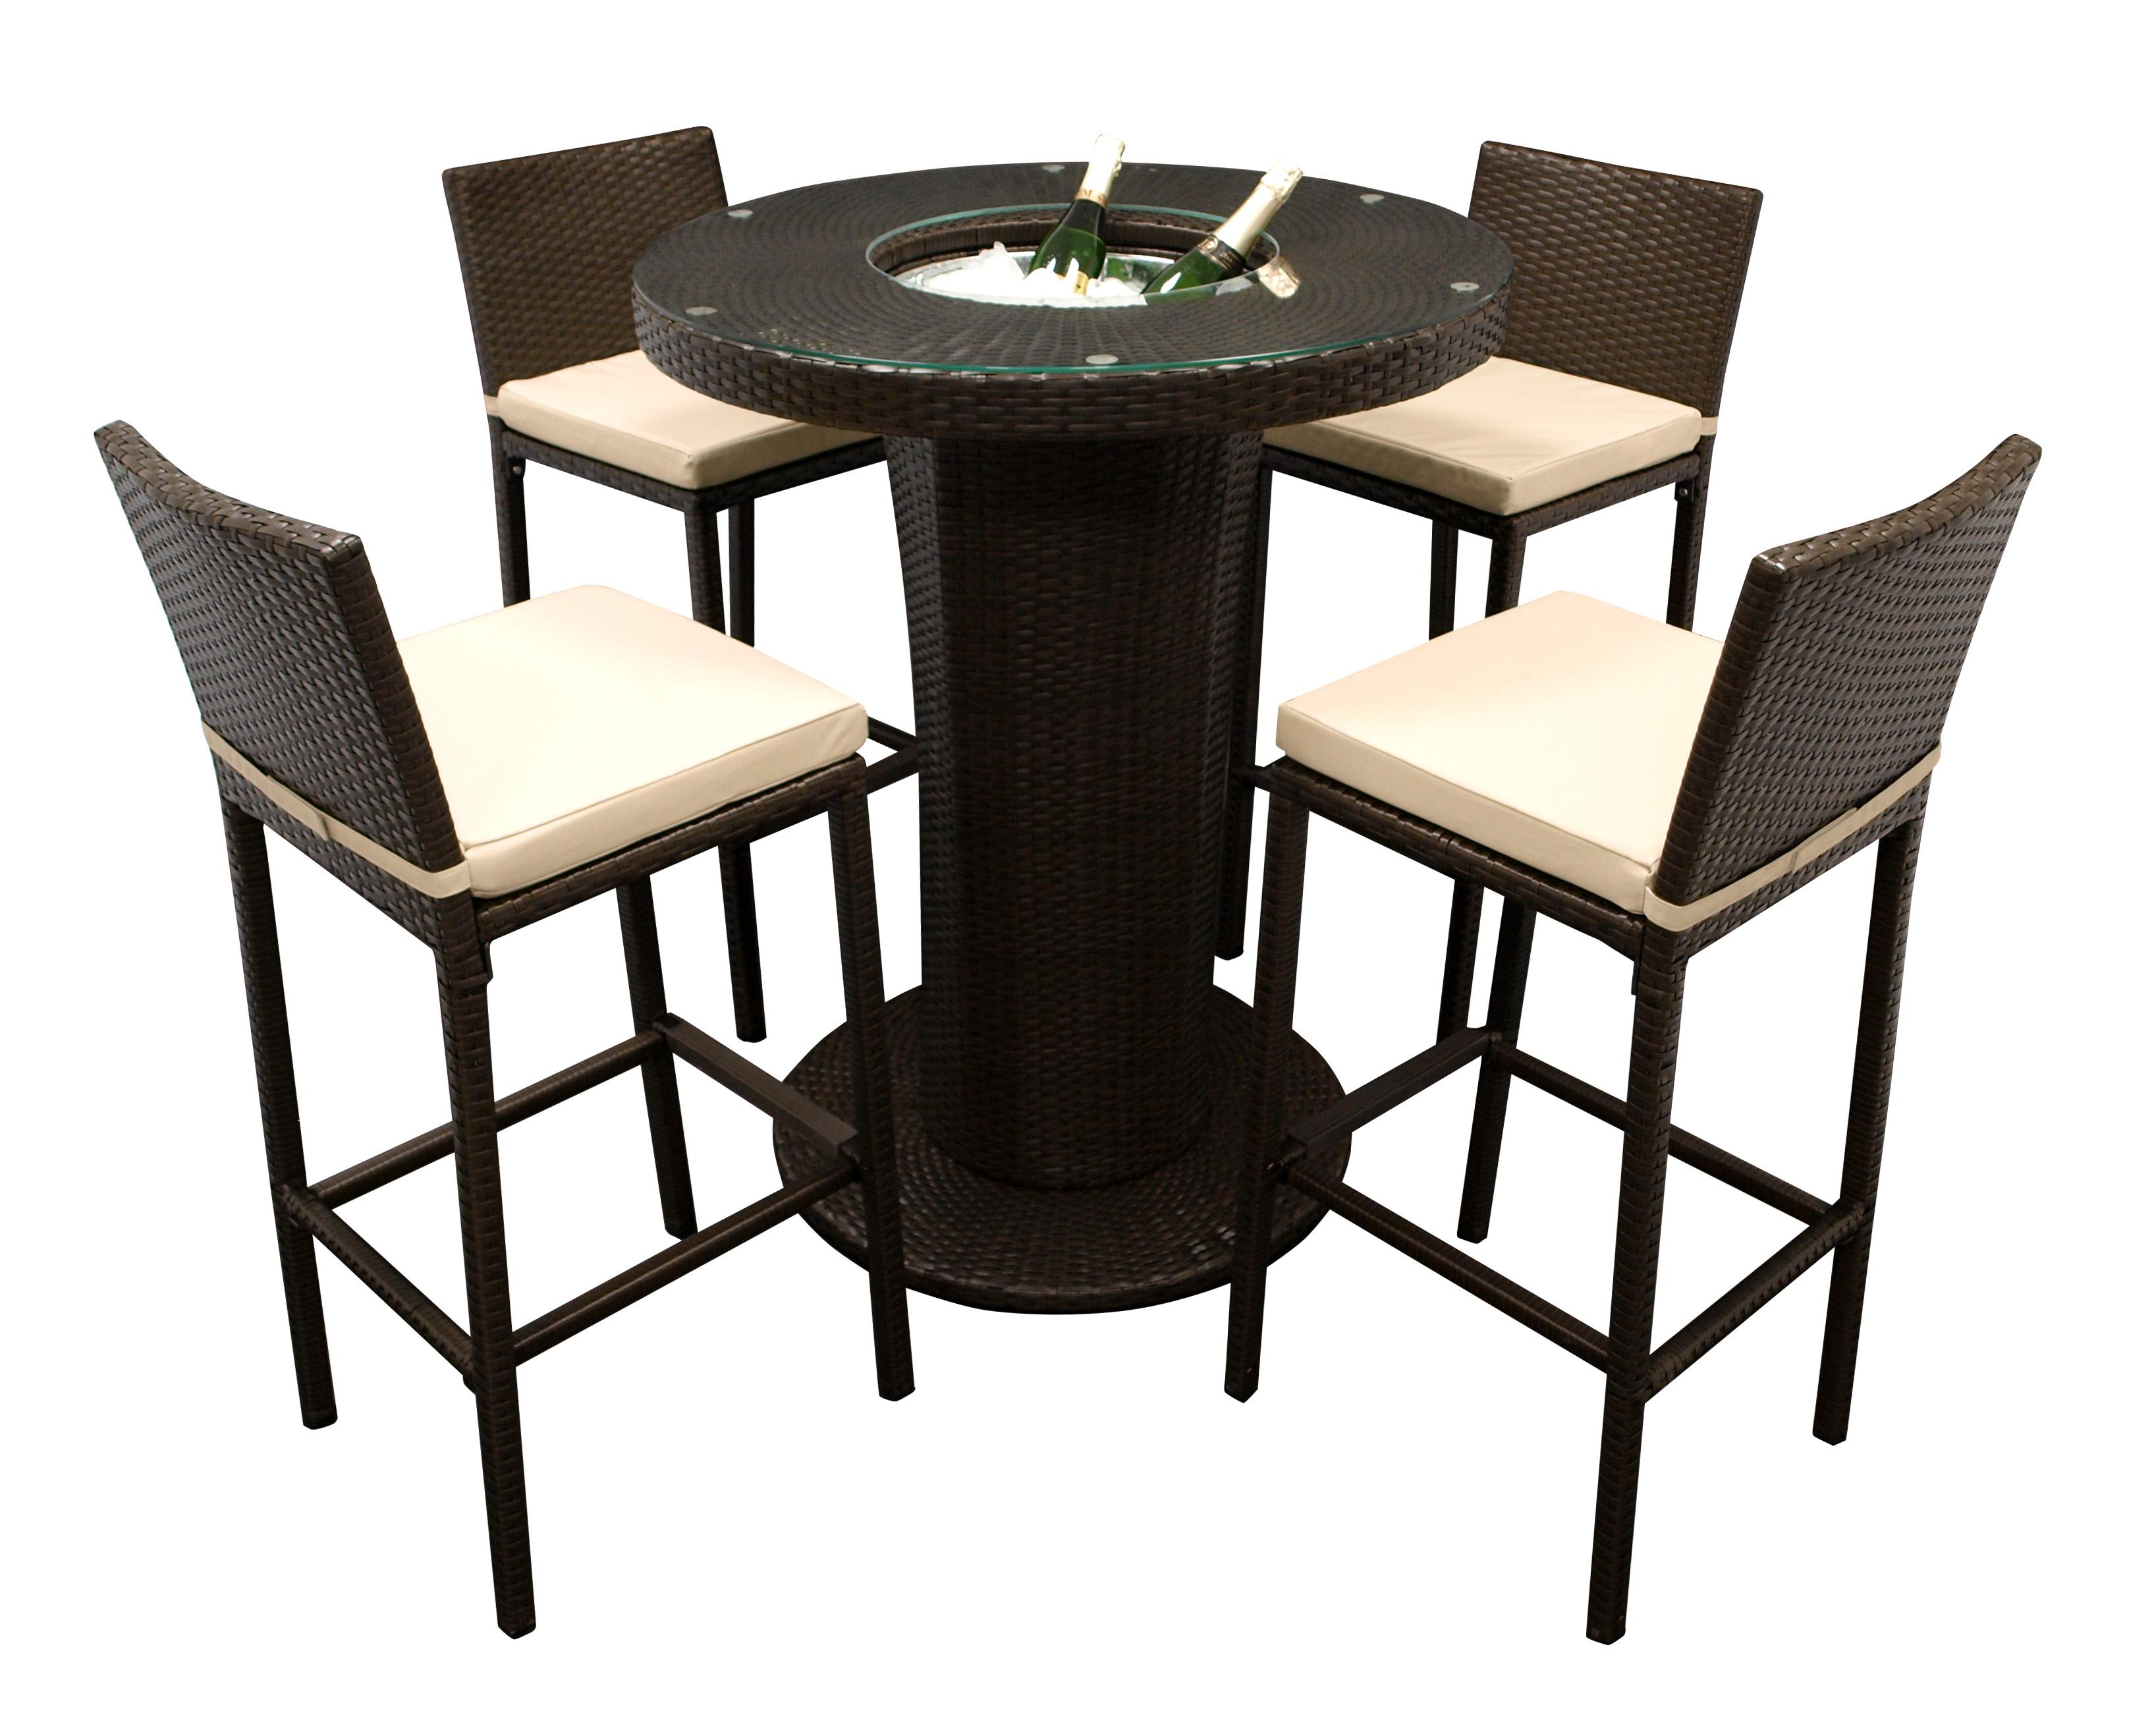 Barset IMPERIA 5-teilig, 1x Tisch, 4x Stuhl mit Polster, Alu + Geflecht braun